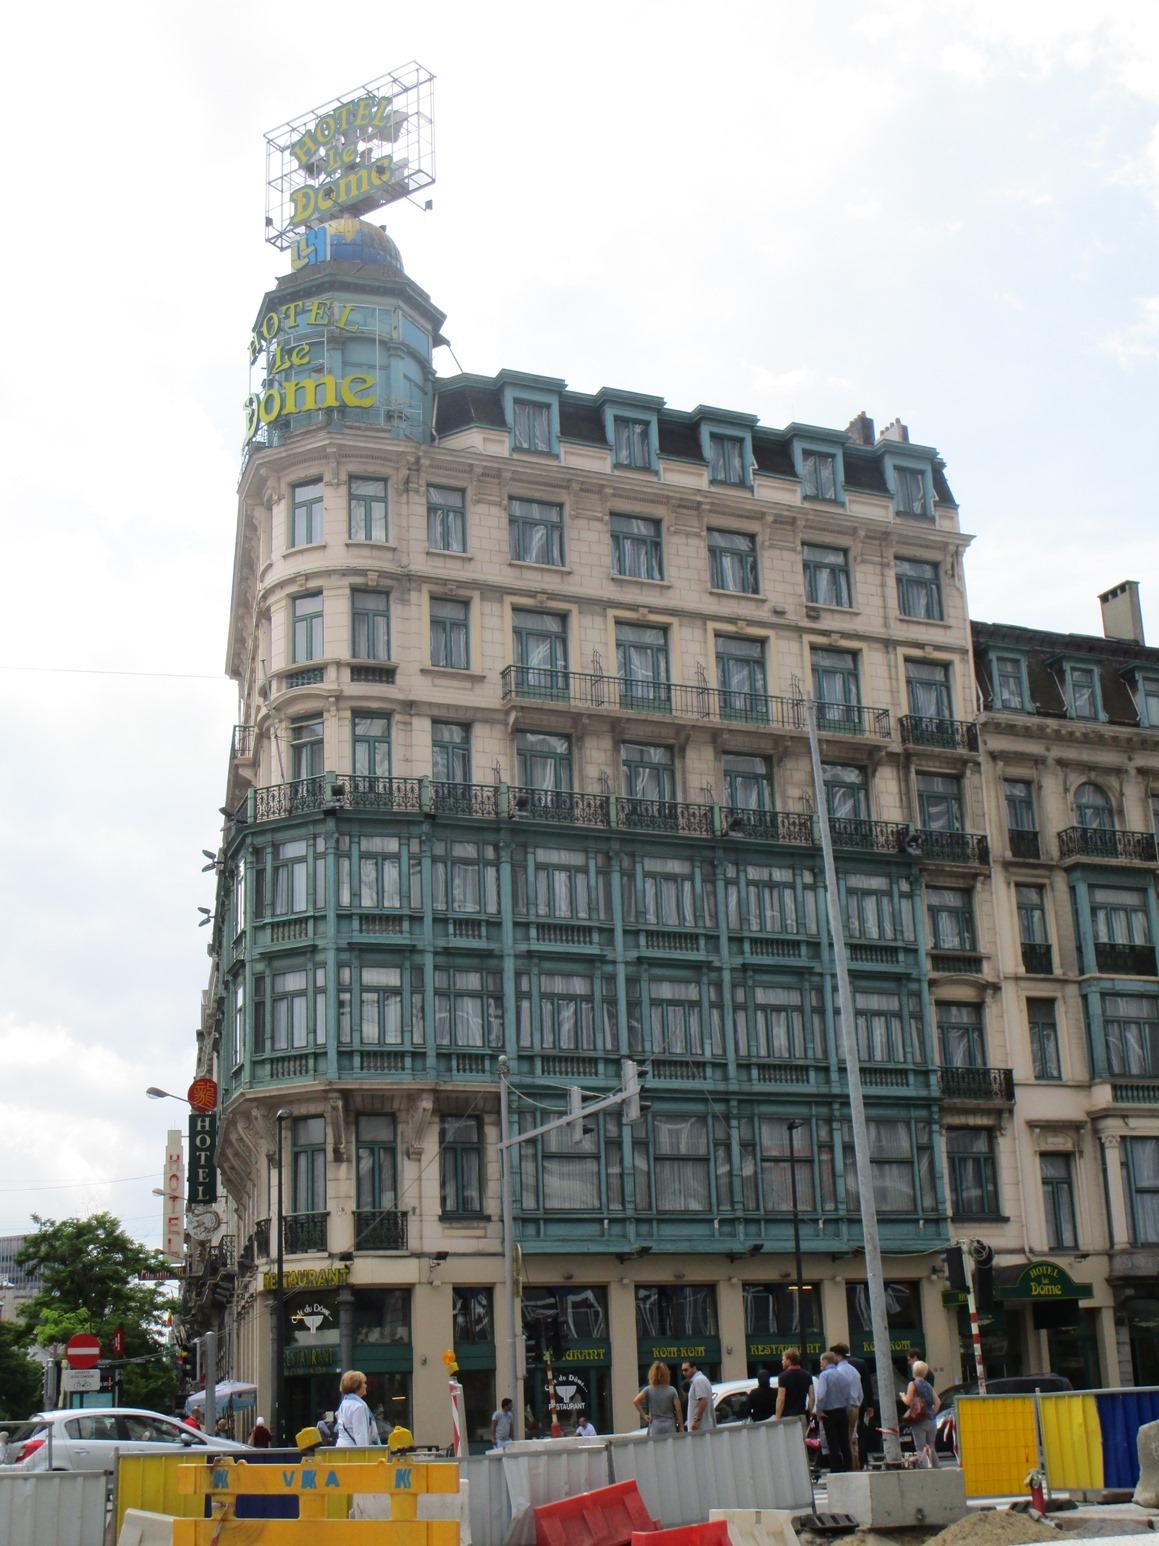 Bruxelles pentagone c cile h tel le d me boulevard for Boulevard jardin botanique